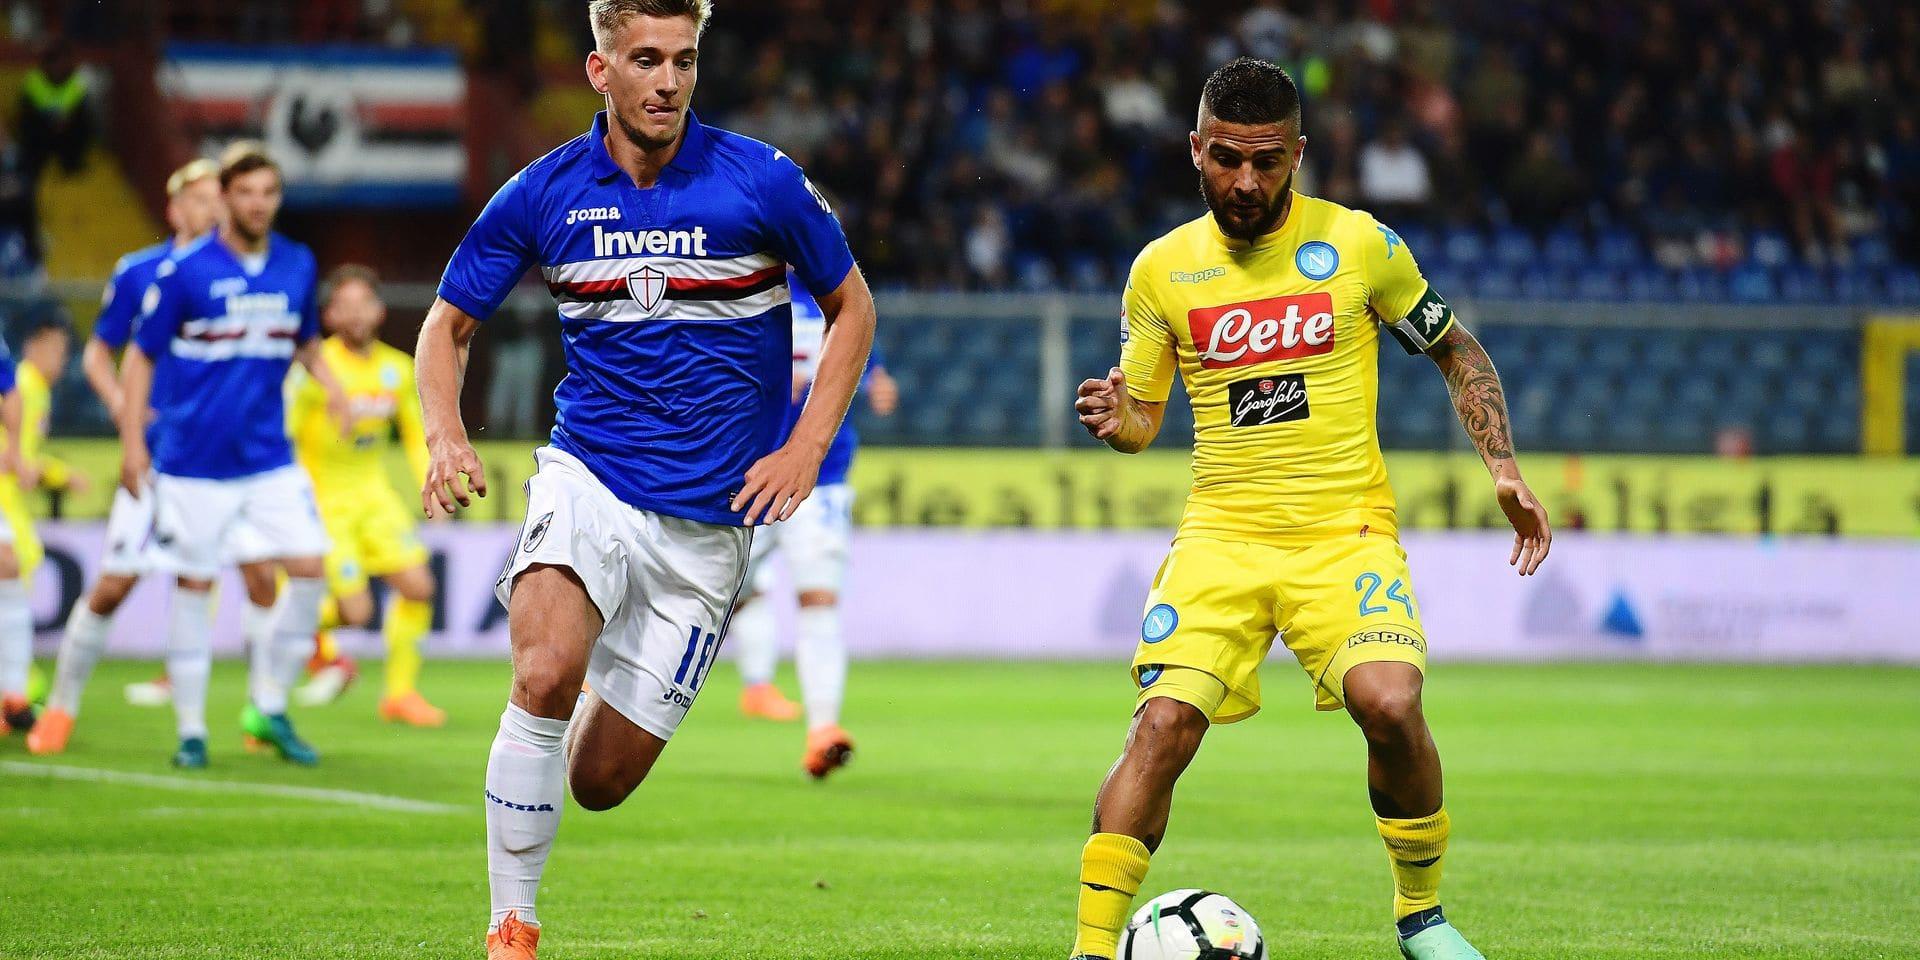 """Devroe dévoile les dessous du contrat avec le nouvel équipementier: """"Joma ? Le meilleur deal de l'histoire du foot belge !"""""""